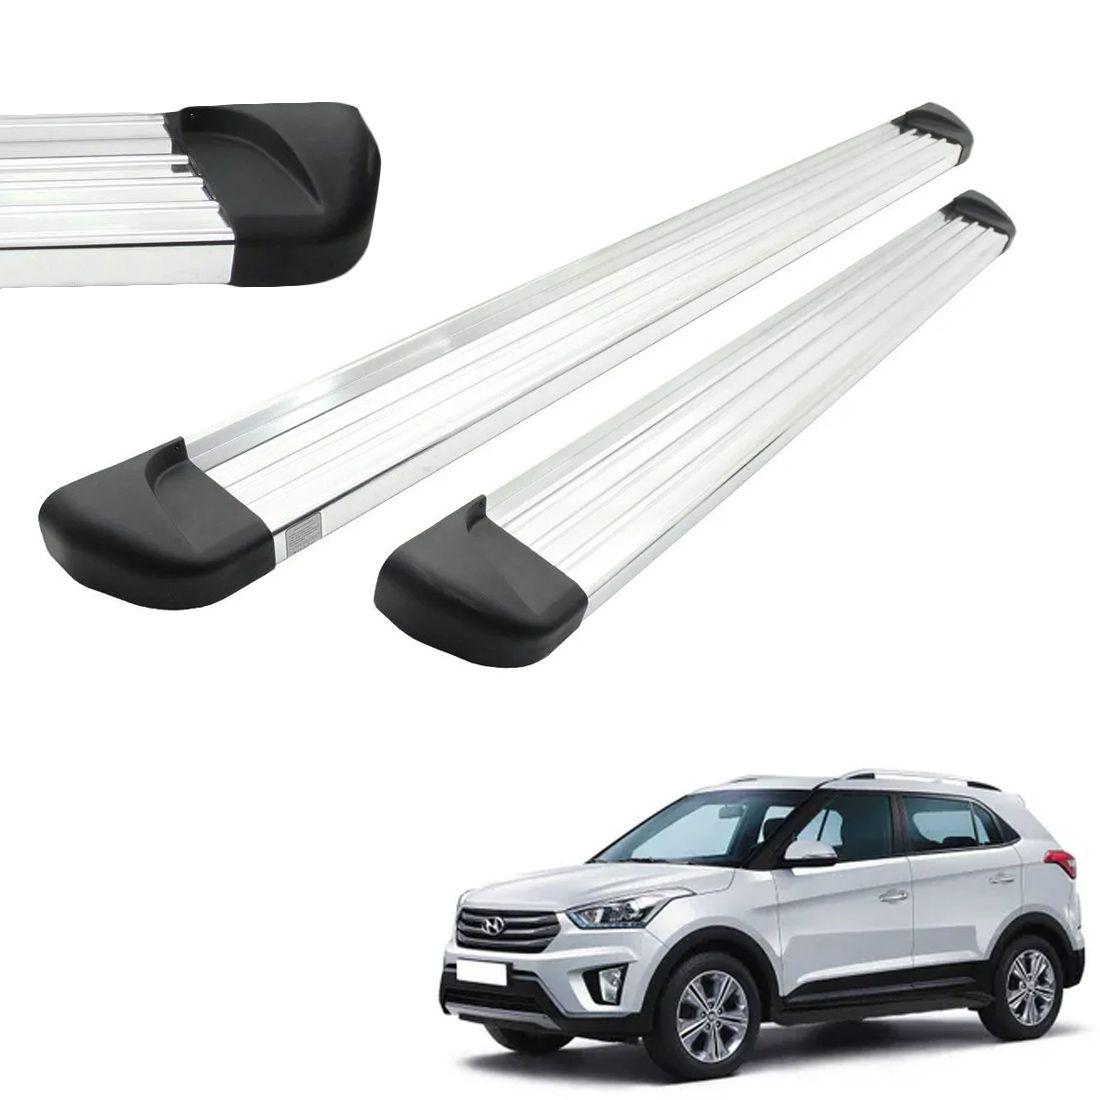 Estribo Aluminio Polido Hyundai Creta